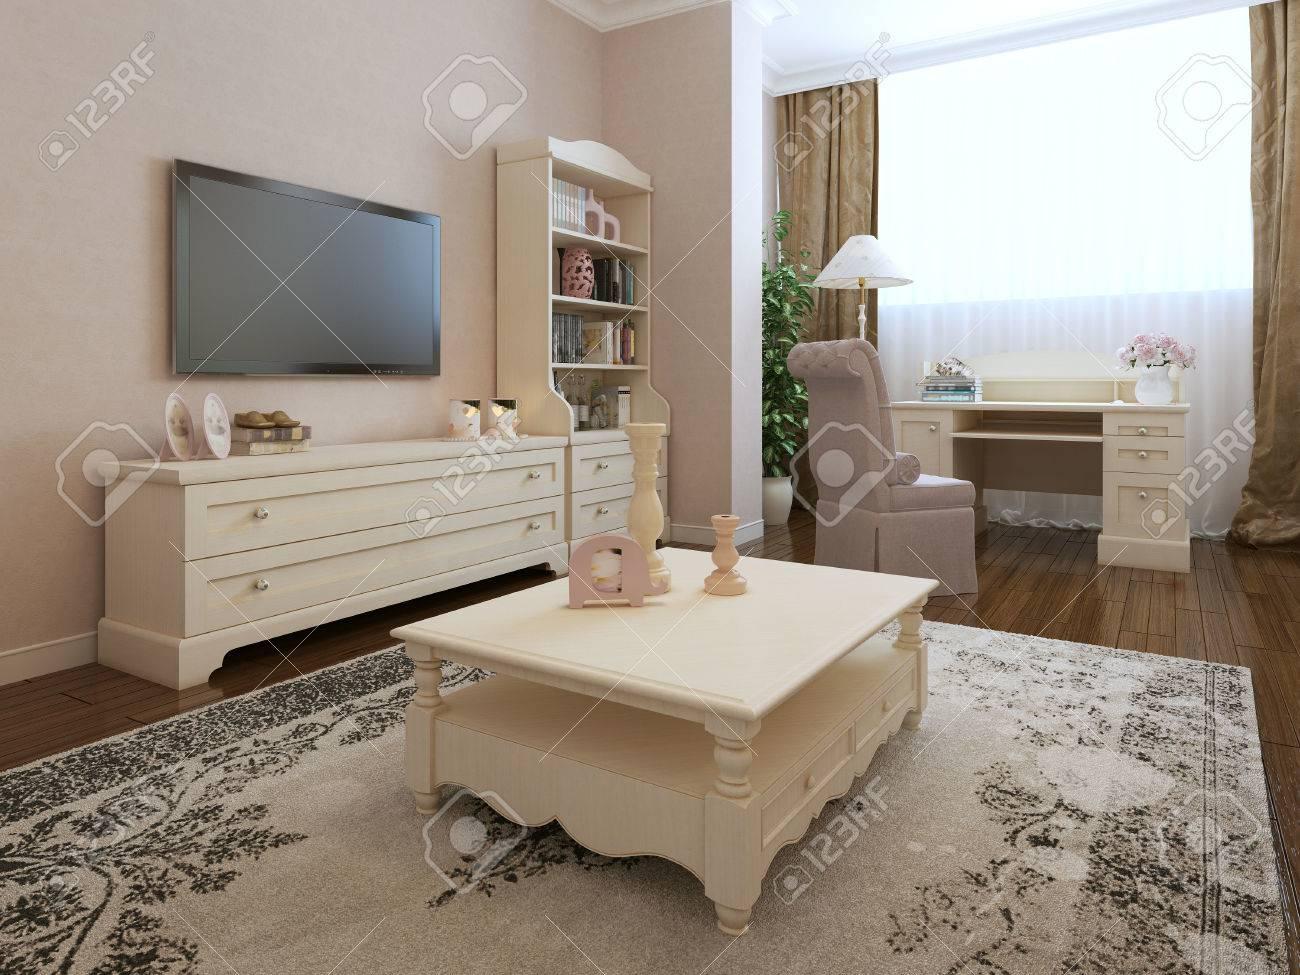 Art-Deco-Schlafzimmer Interieur. 3d Render Lizenzfreie Fotos, Bilder ...